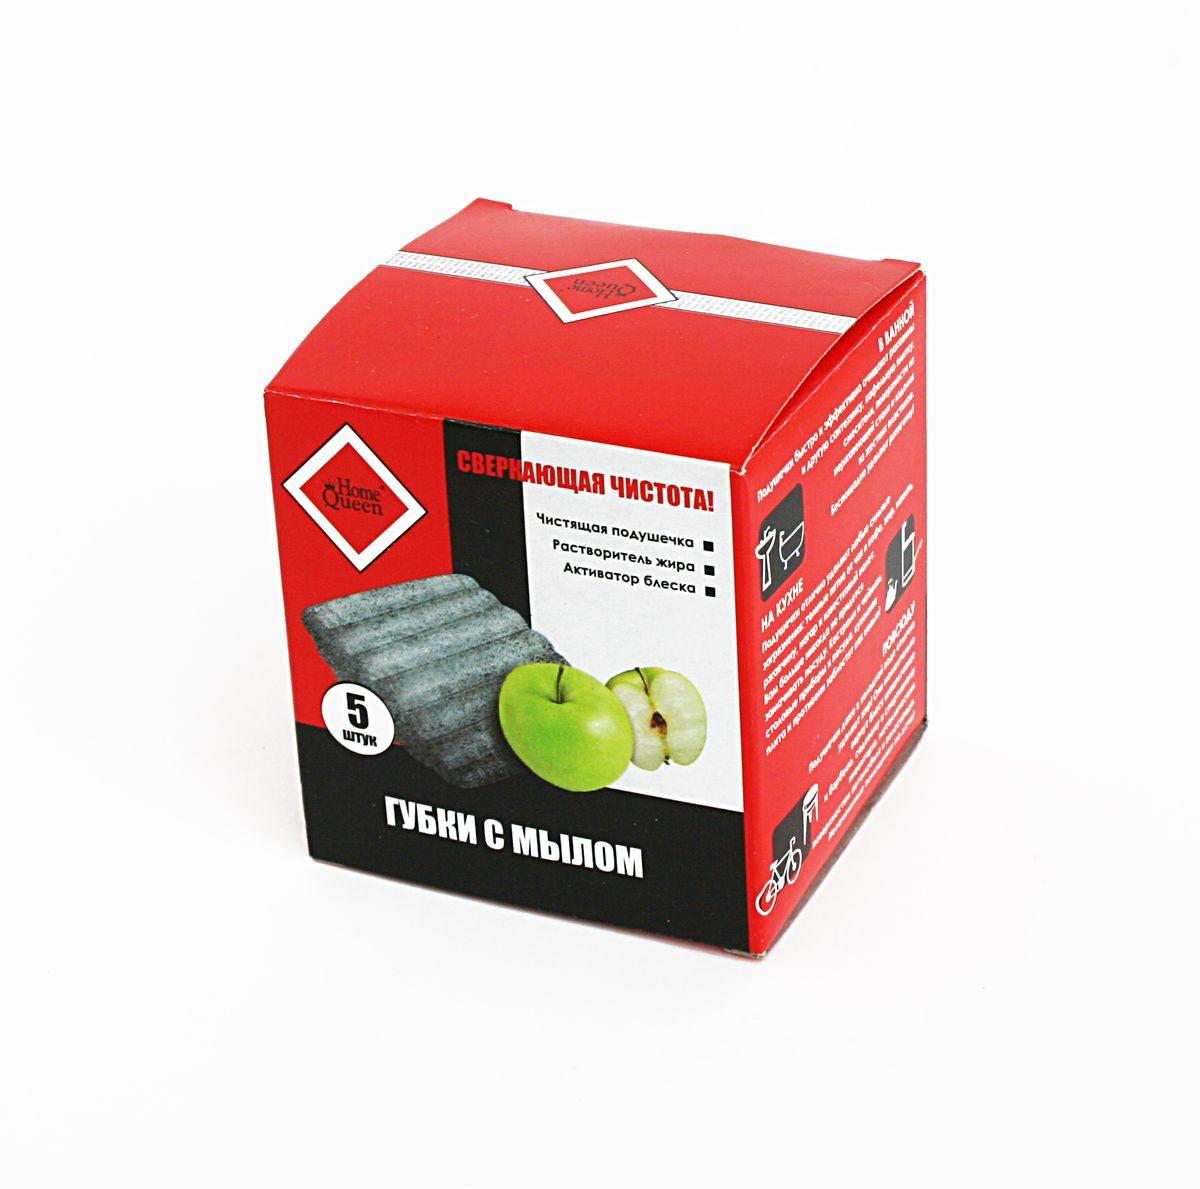 Губки с мылом Home Queen, ароматические, 5 шт41Губки с мылом Home Queen изготовлены из тончайшего стального волокна, пропитанного мыльным составом. Оптимальное сочетание чистящих и моющих компонентов позволяет моментально удалять ржавчину, жир, темный налет, накипь, нагар и другие сильные загрязнения. Мыло содержит тензиды, растворяющие жир, и пальмовое масло, которое заботится о ваших руках. Экологически чистый продукт. Его чистящие и моющие компоненты разлагаются биологическим путем. Не содержит фосфатов. Подушечки быстро и эффективно очищают раковины и другую сантехнику, кафельную плитку, смесители, поверхности из нержавеющей стали и изделия из жестких пластиков. Подушечки даже в холодной воде отлично удаляют жир. Они моментально вернут блеск шашлычнице и барбекю, садовому инвентарю, металлическим поверхностям автомобиля и велосипеда. Незаменимые помощники на даче. Состав: ультратонкое стальное волокно, мыло, пальмовое масло, ароматические вещества. Комплектация: 5 шт. Уважаемые клиенты! ...